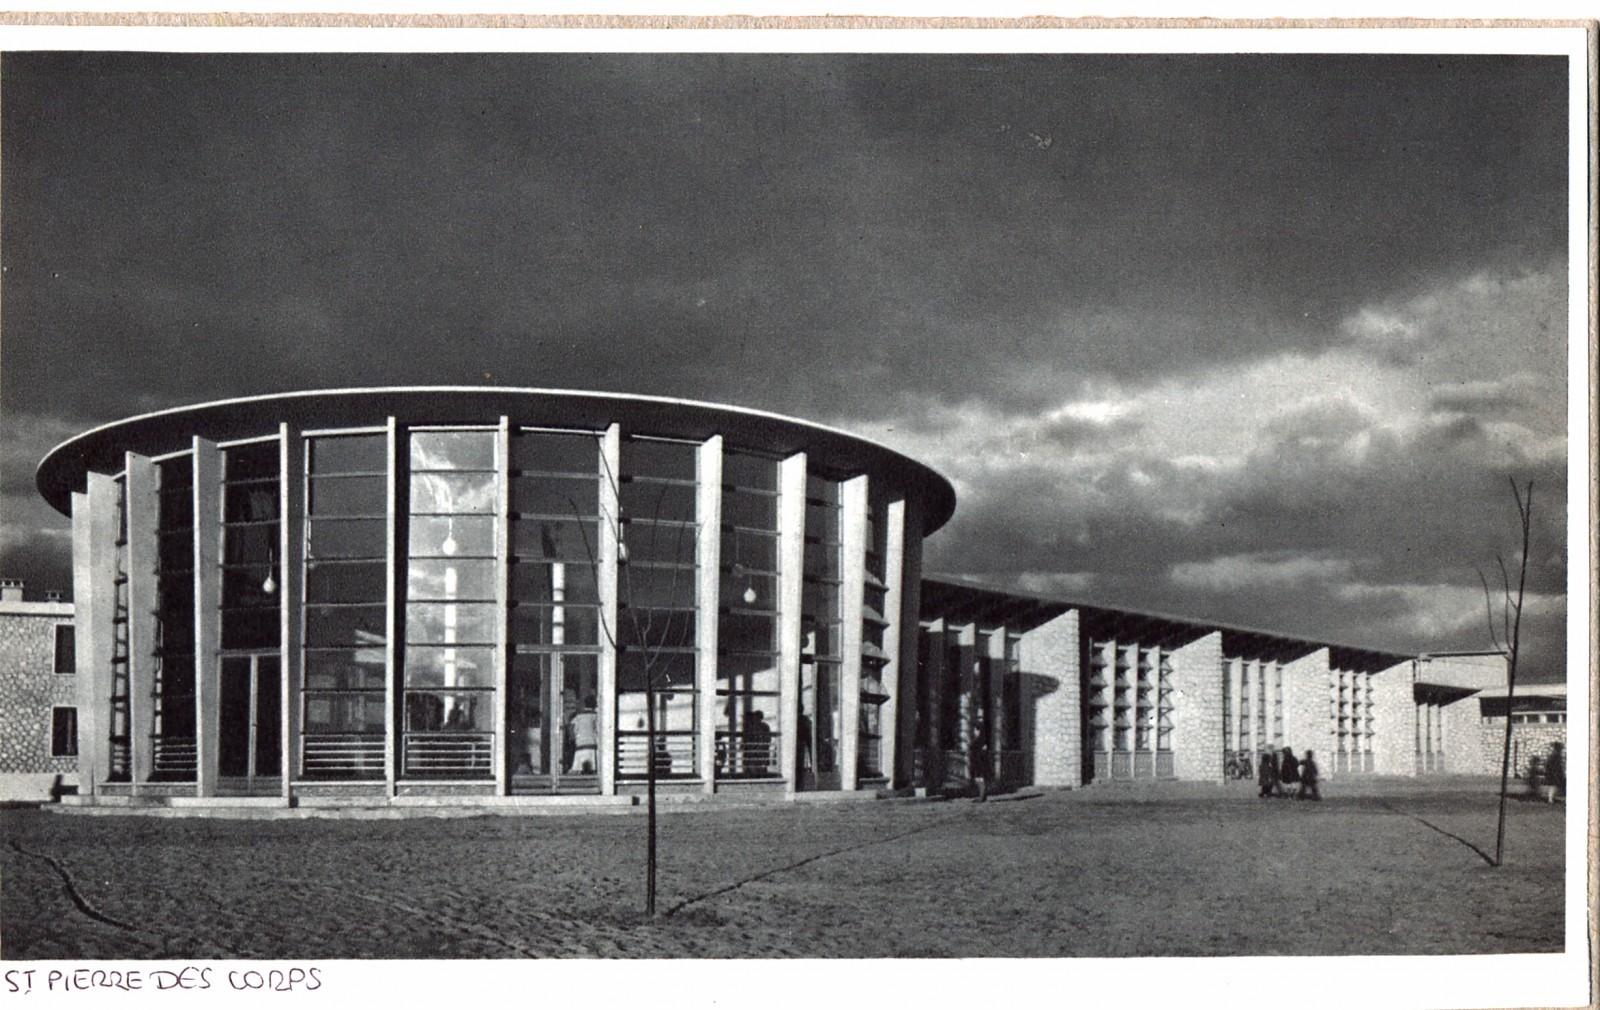 Vue de l'école de plein air Les Sablons (Pierre Semard) à Saint-Pierre-des-Corps, Jean et Charles Dorian, vers 1950. Collection privée, Orléans